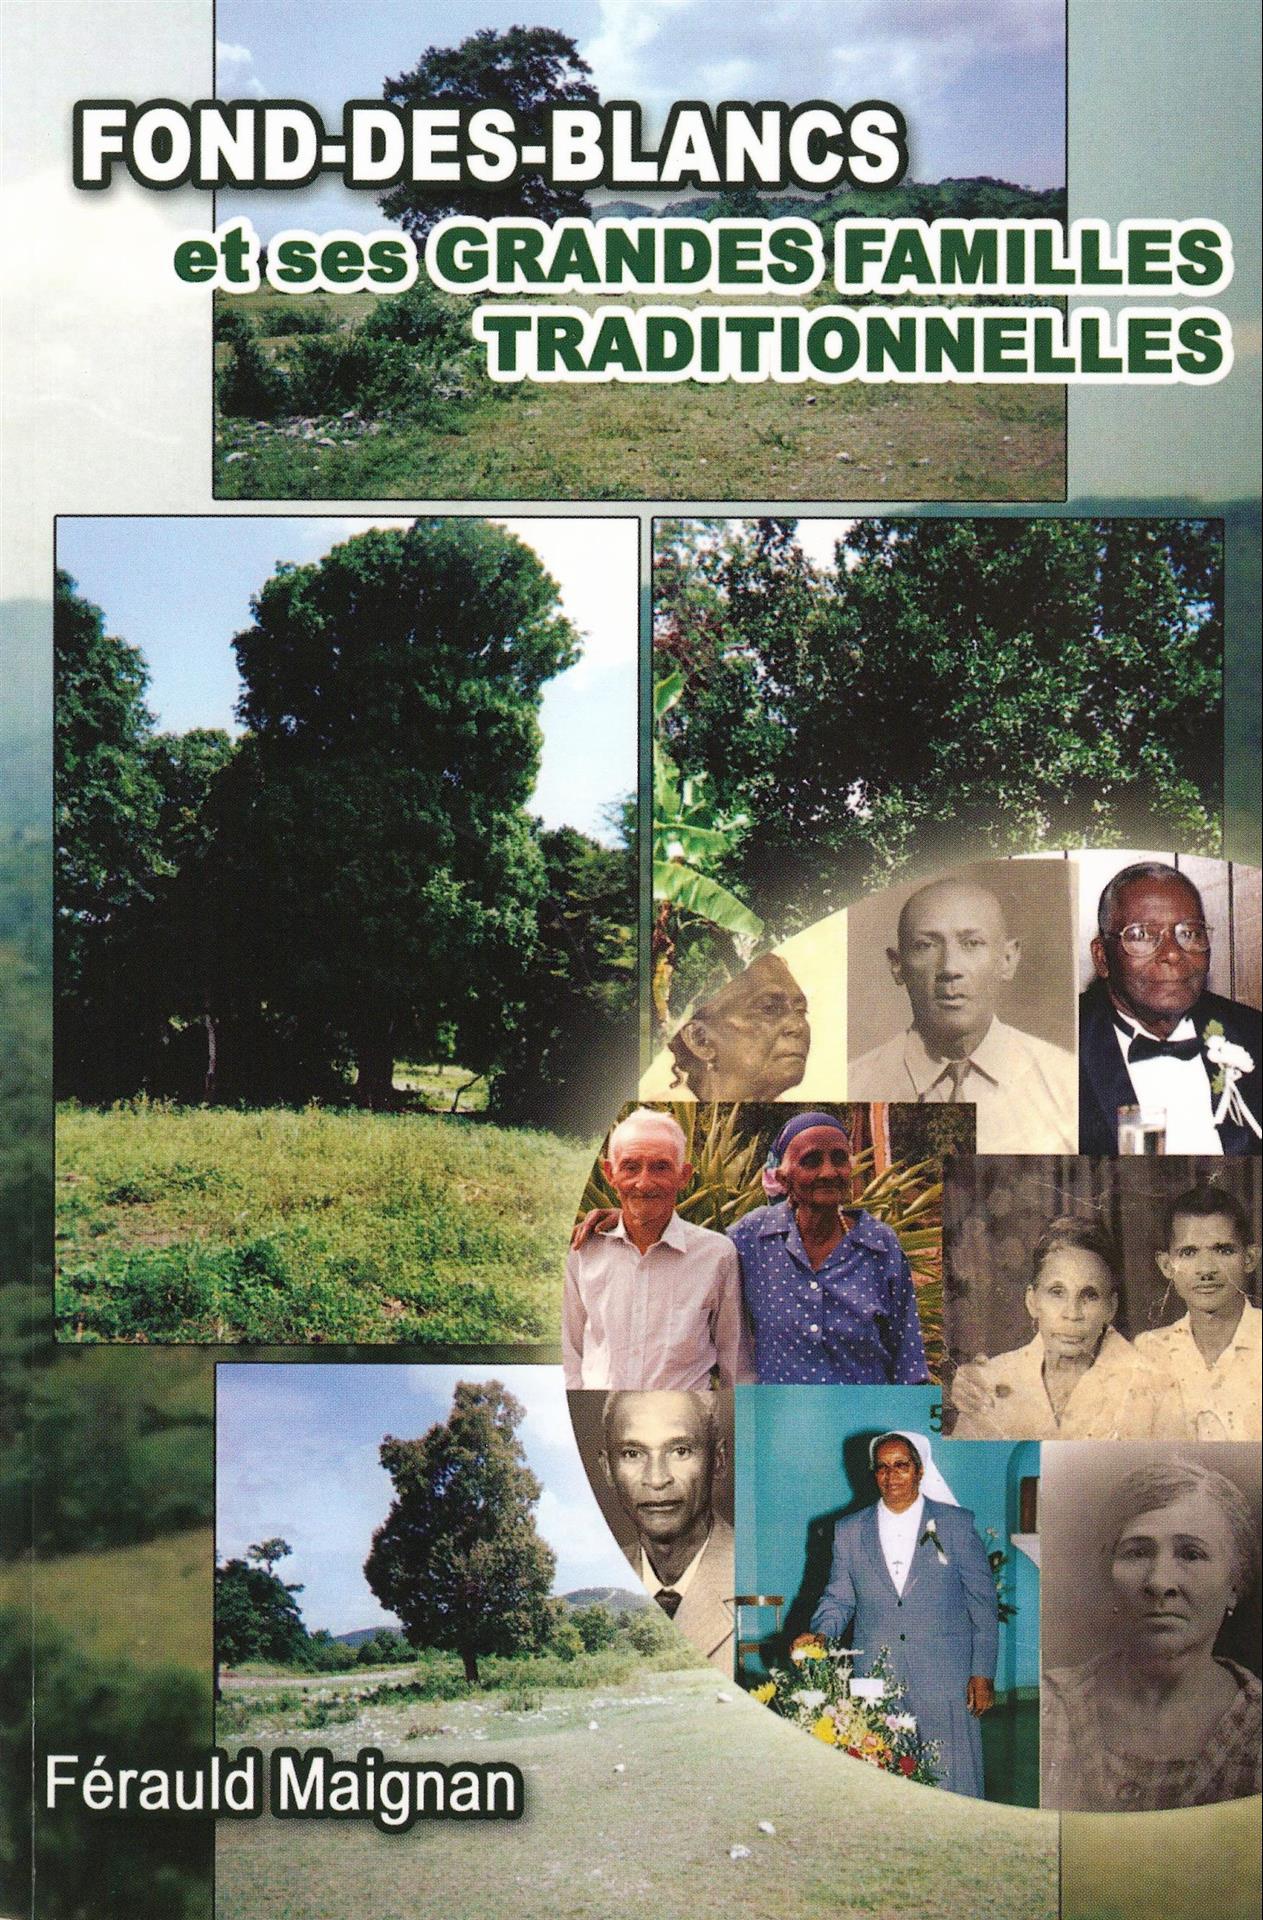 Fond-des-Blancs  et ses Grandes Familles Traditionnelles